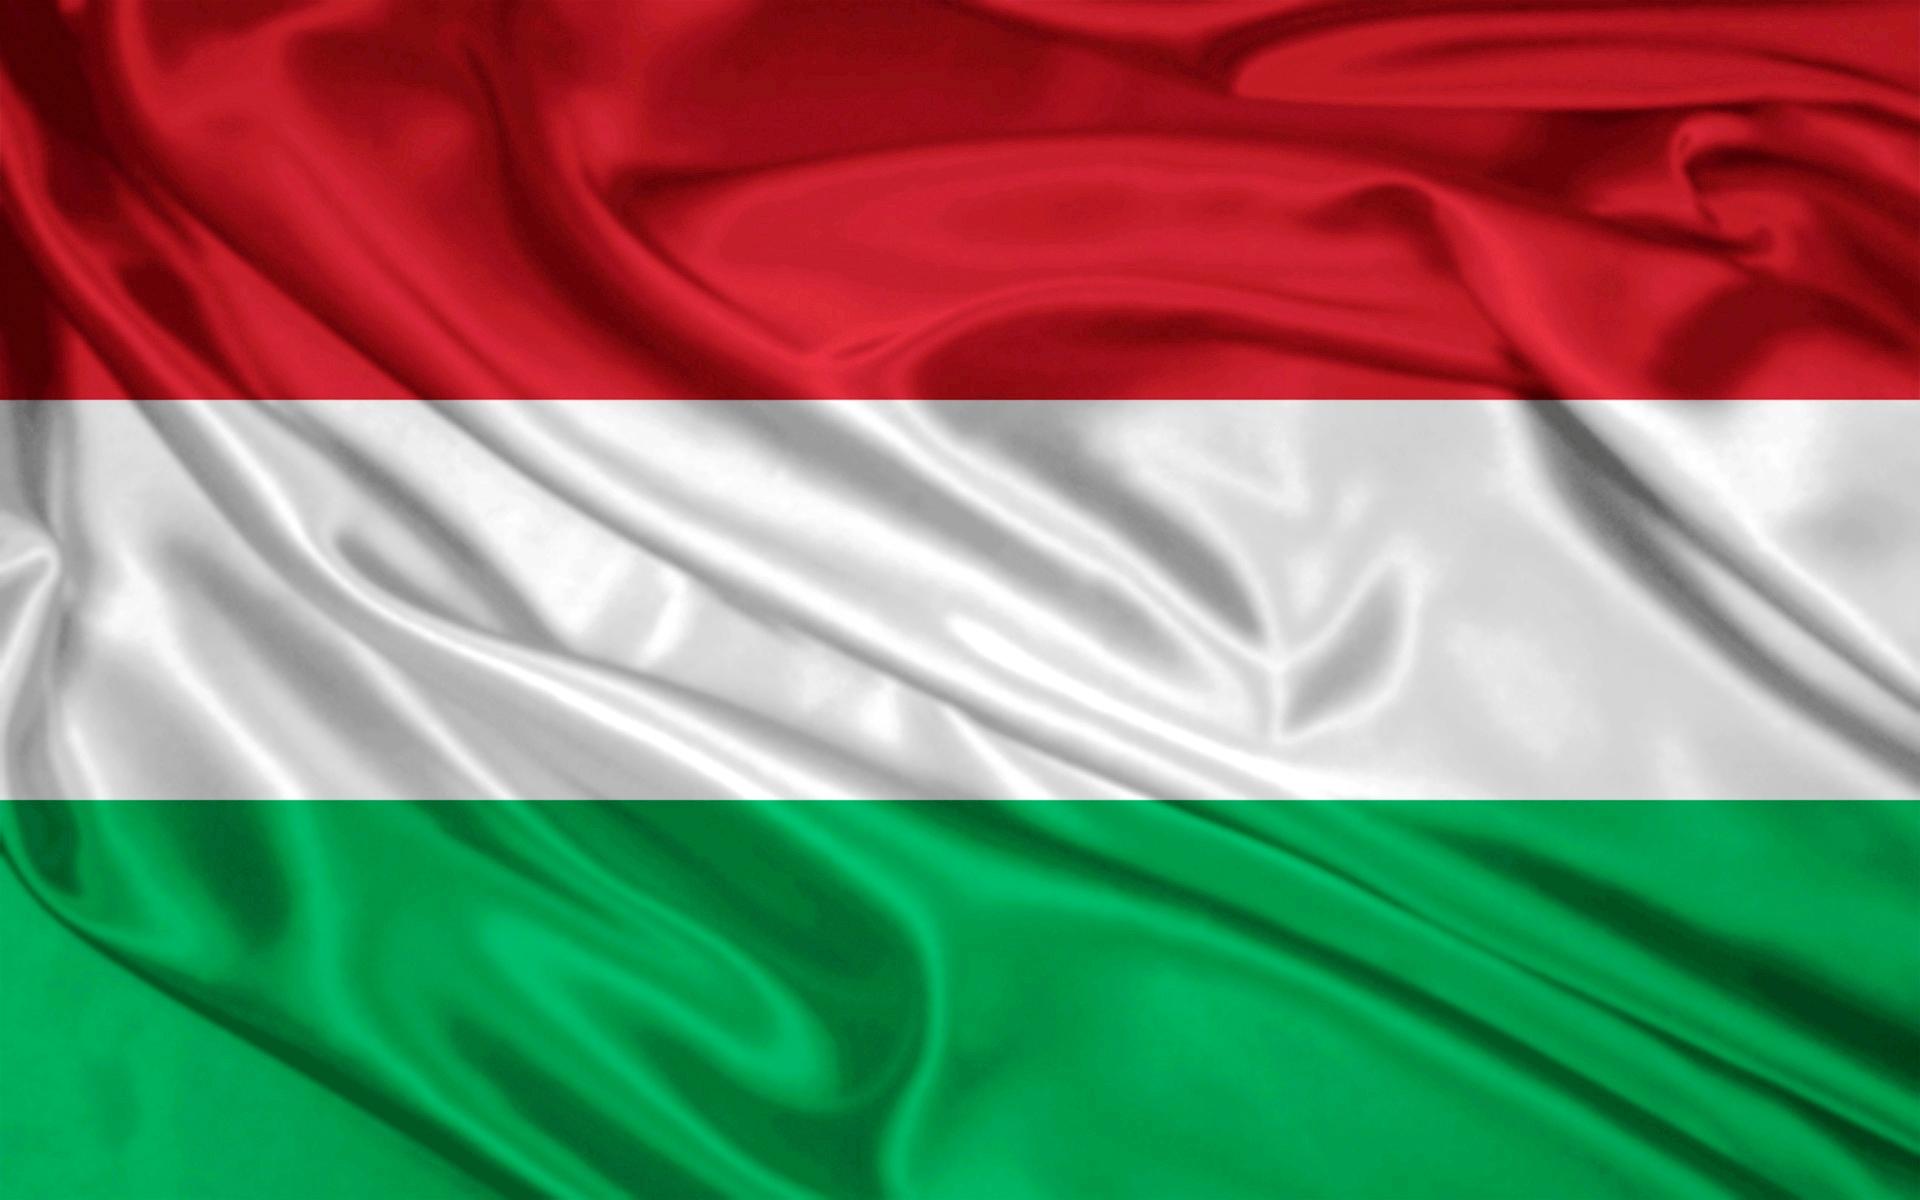 Зі школи на Закарпатті працівники СБУ зняли угорський герб та прапор